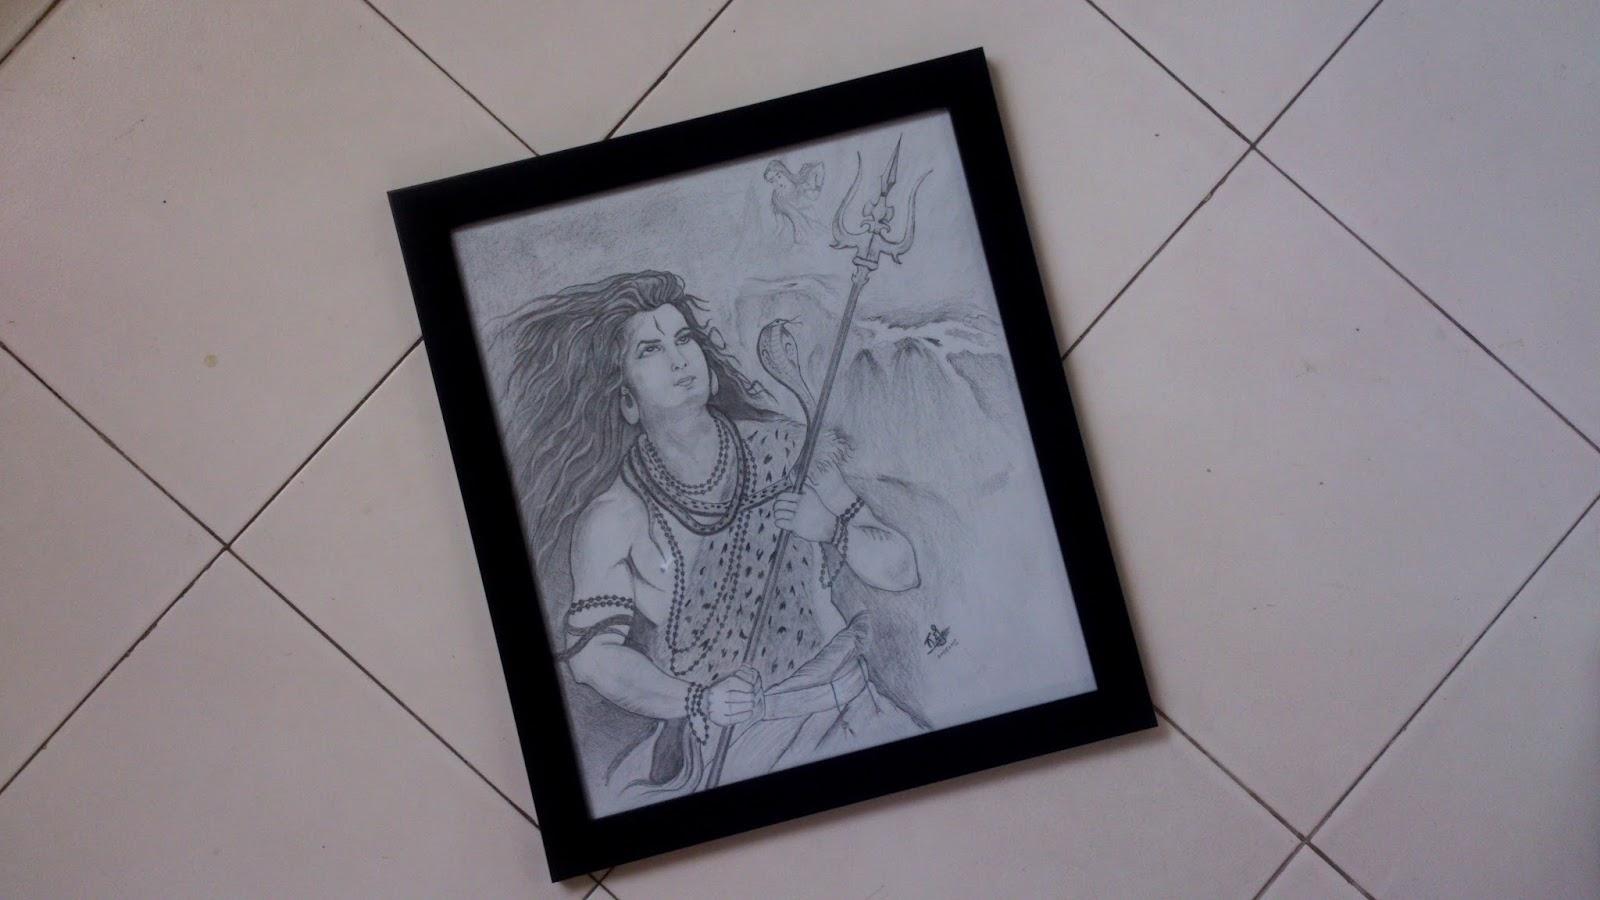 Lord shiva pencil sketch